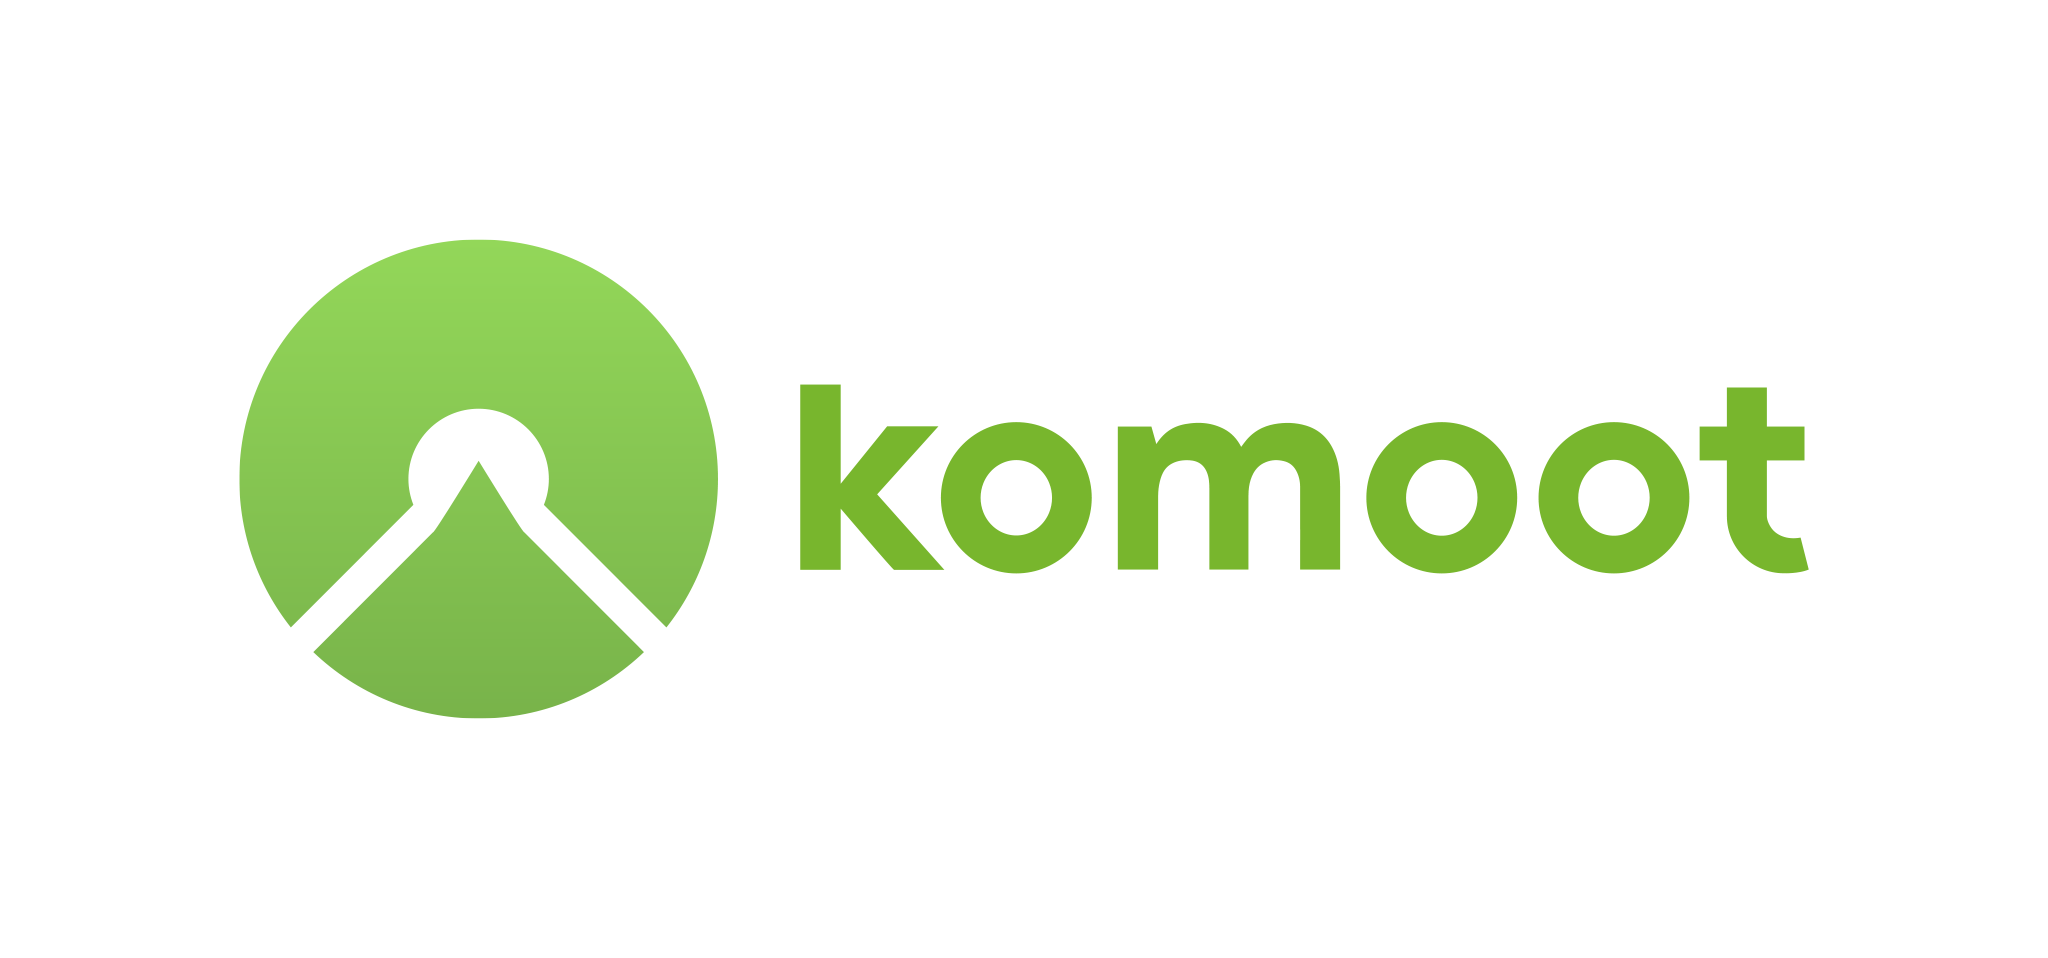 Image result for komoot